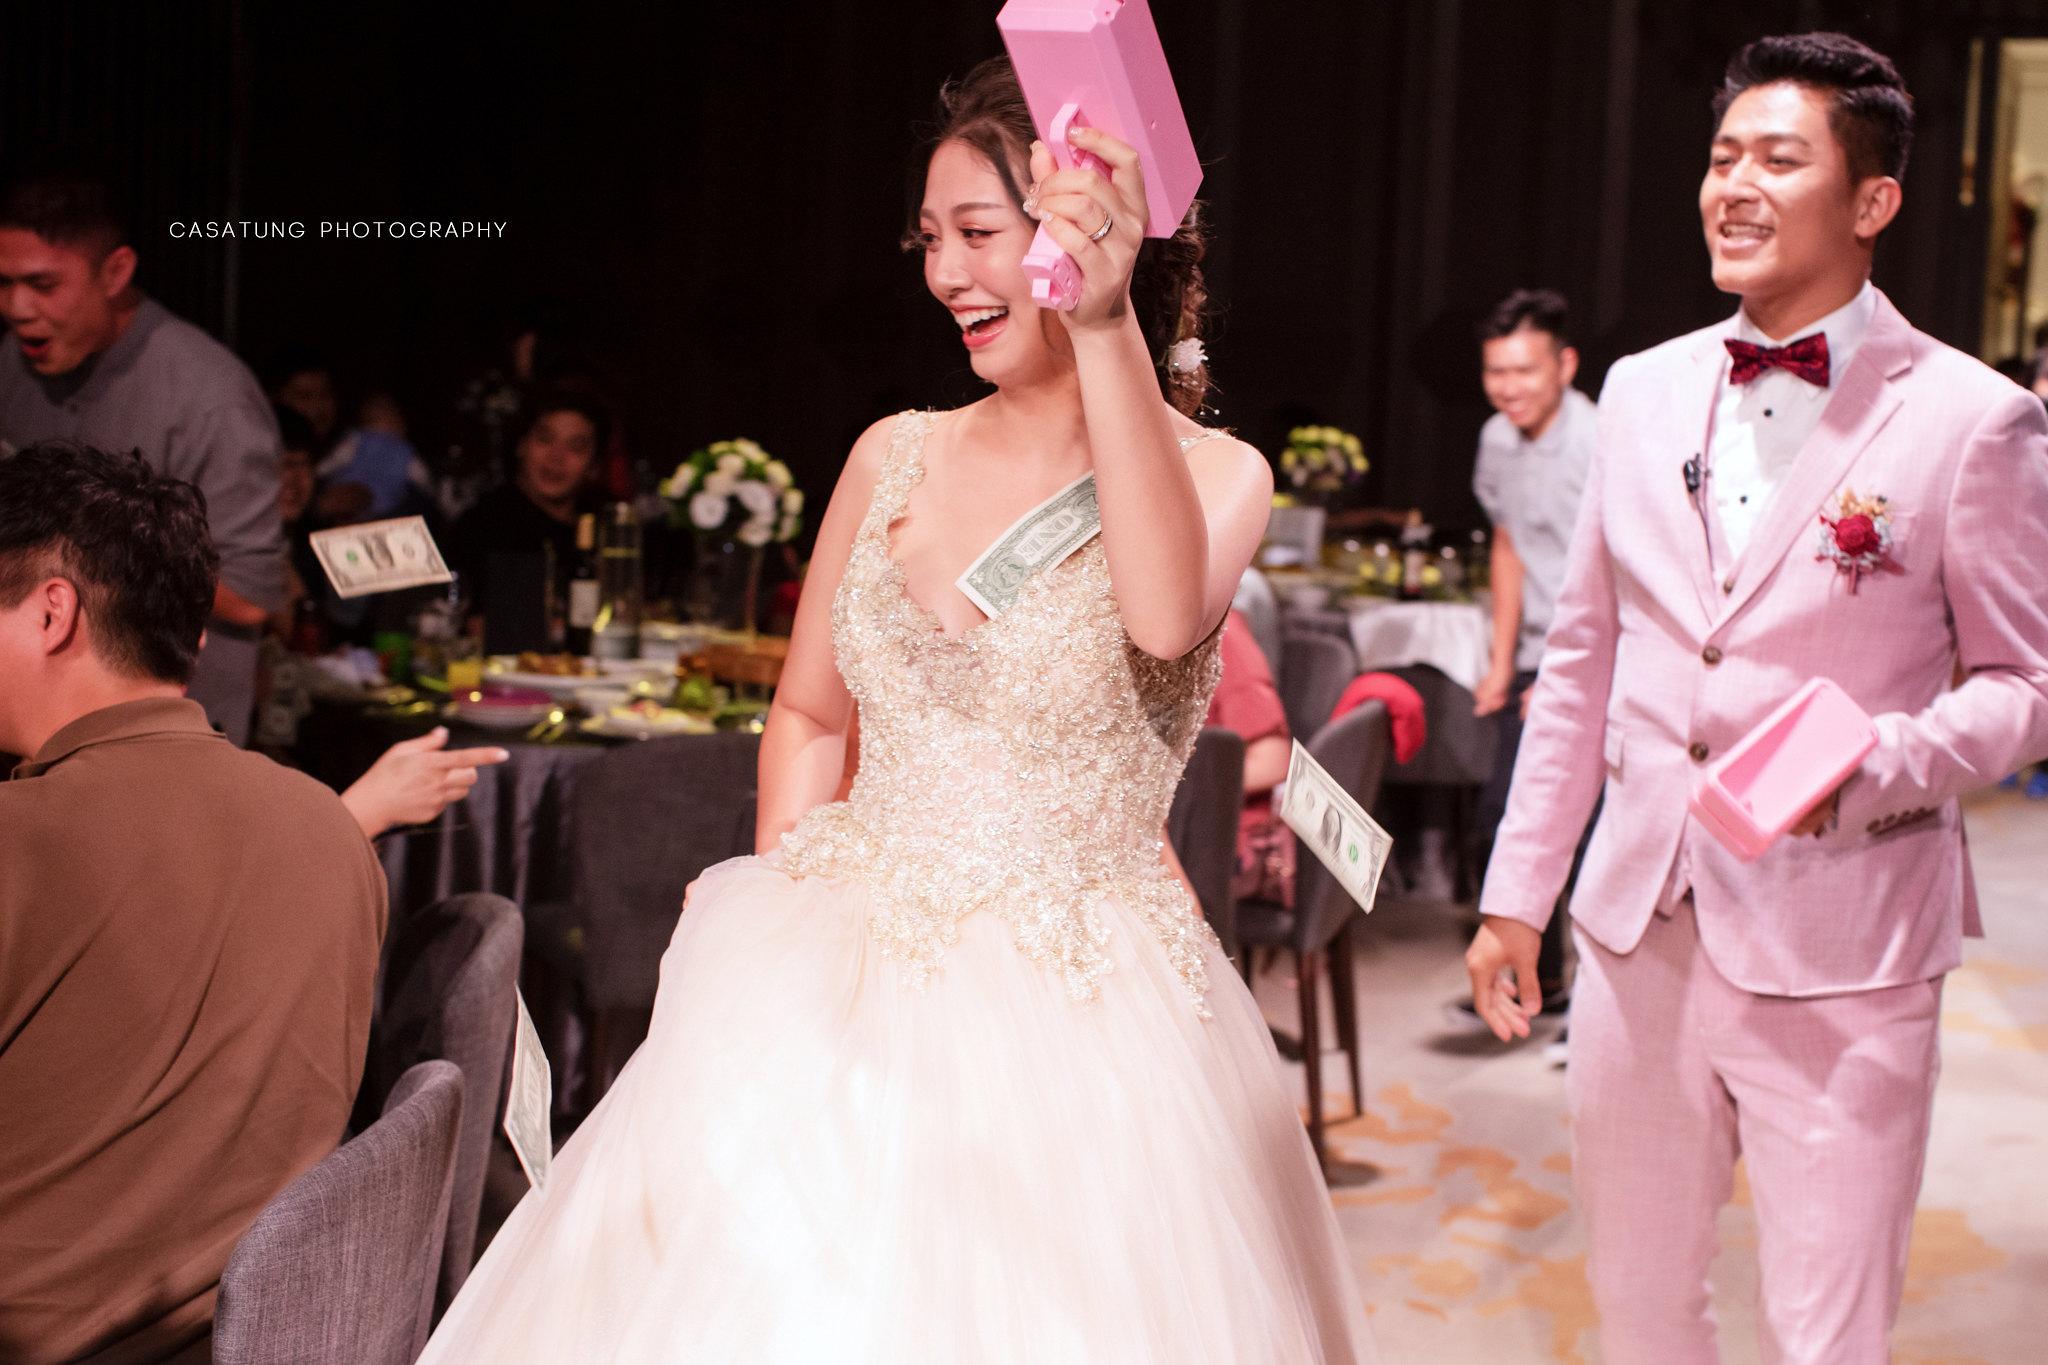 戶外婚禮, 手工婚紗, 台中婚攝, 自助婚紗, 婚紗工作室, 婚紗推薦旋轉木馬, 婚攝推廷, 婚攝CASA, 推薦婚攝, 旋轉木馬婚紗, 萊特維庭婚禮, 禮服出租, lightweeding,萊特薇庭婚攝-131